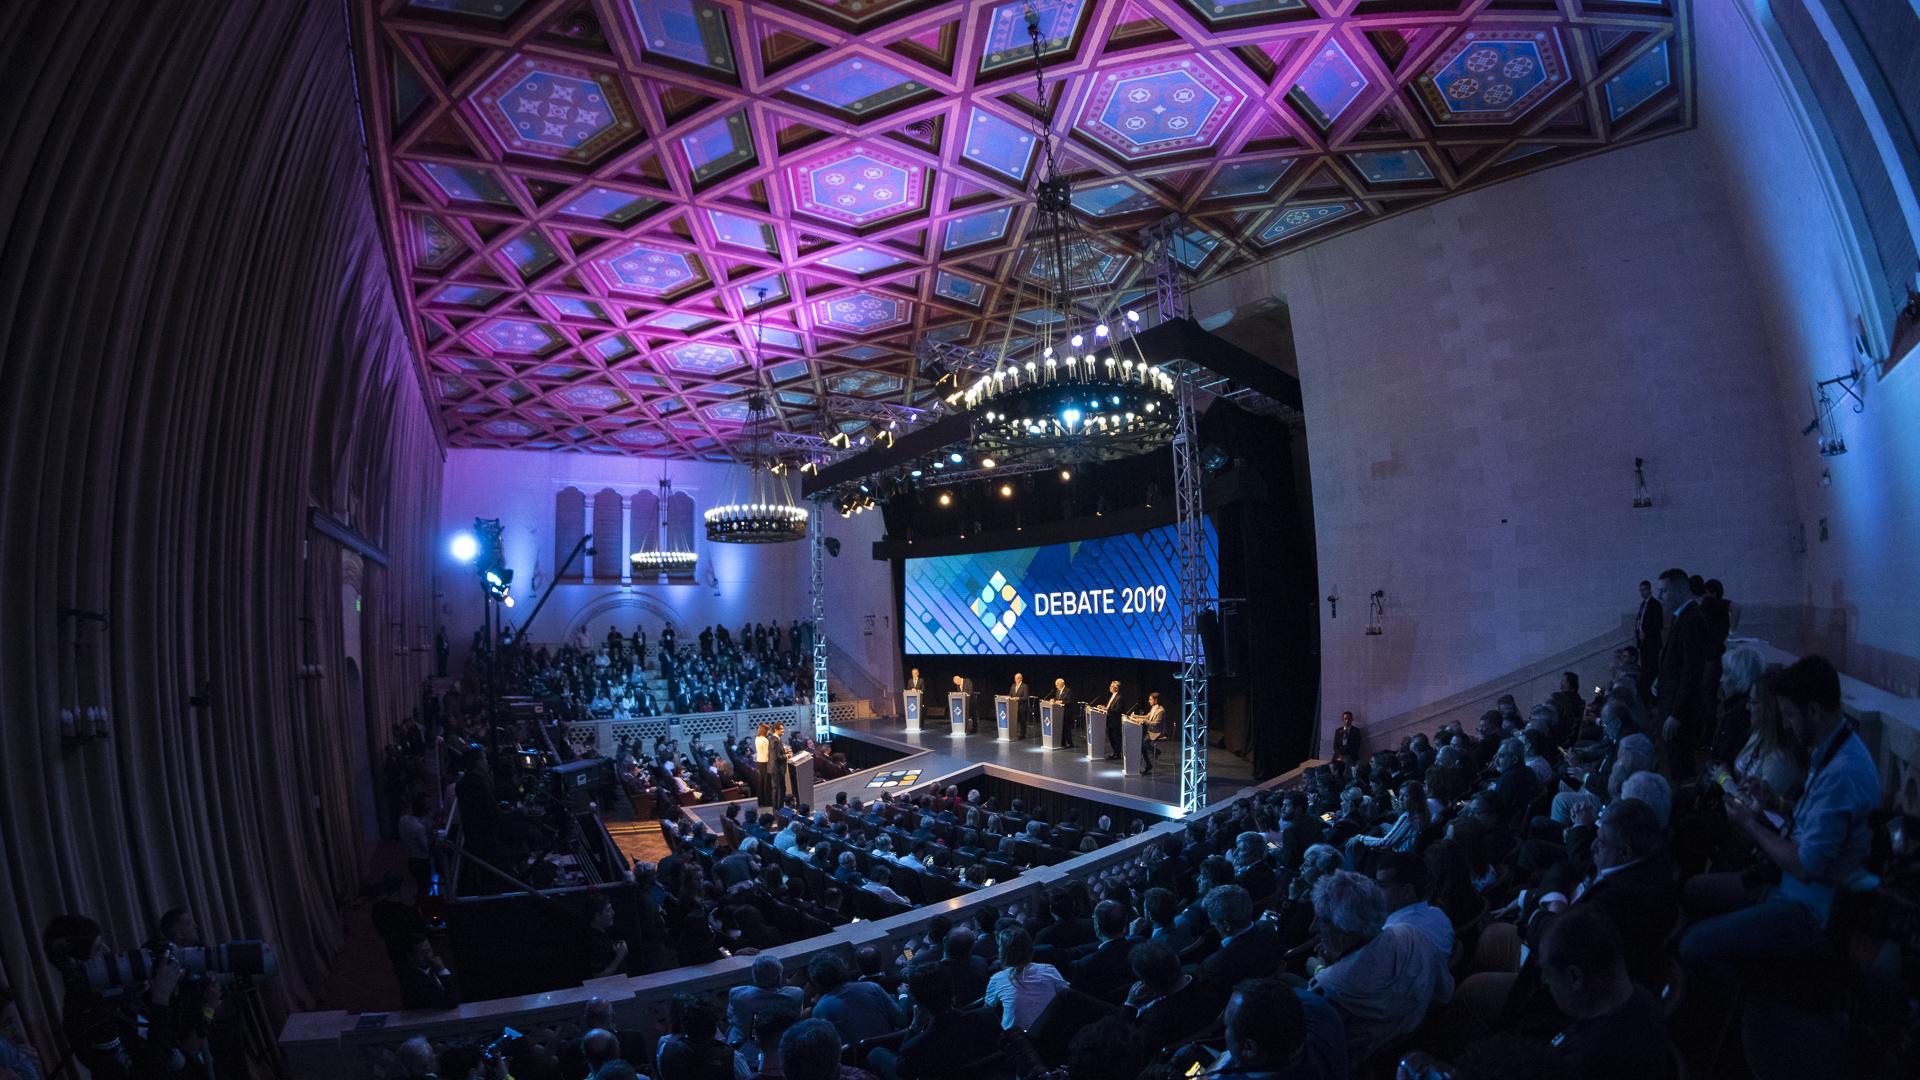 El debate se llevó a cabo en la Universidad Nacional del Litoral